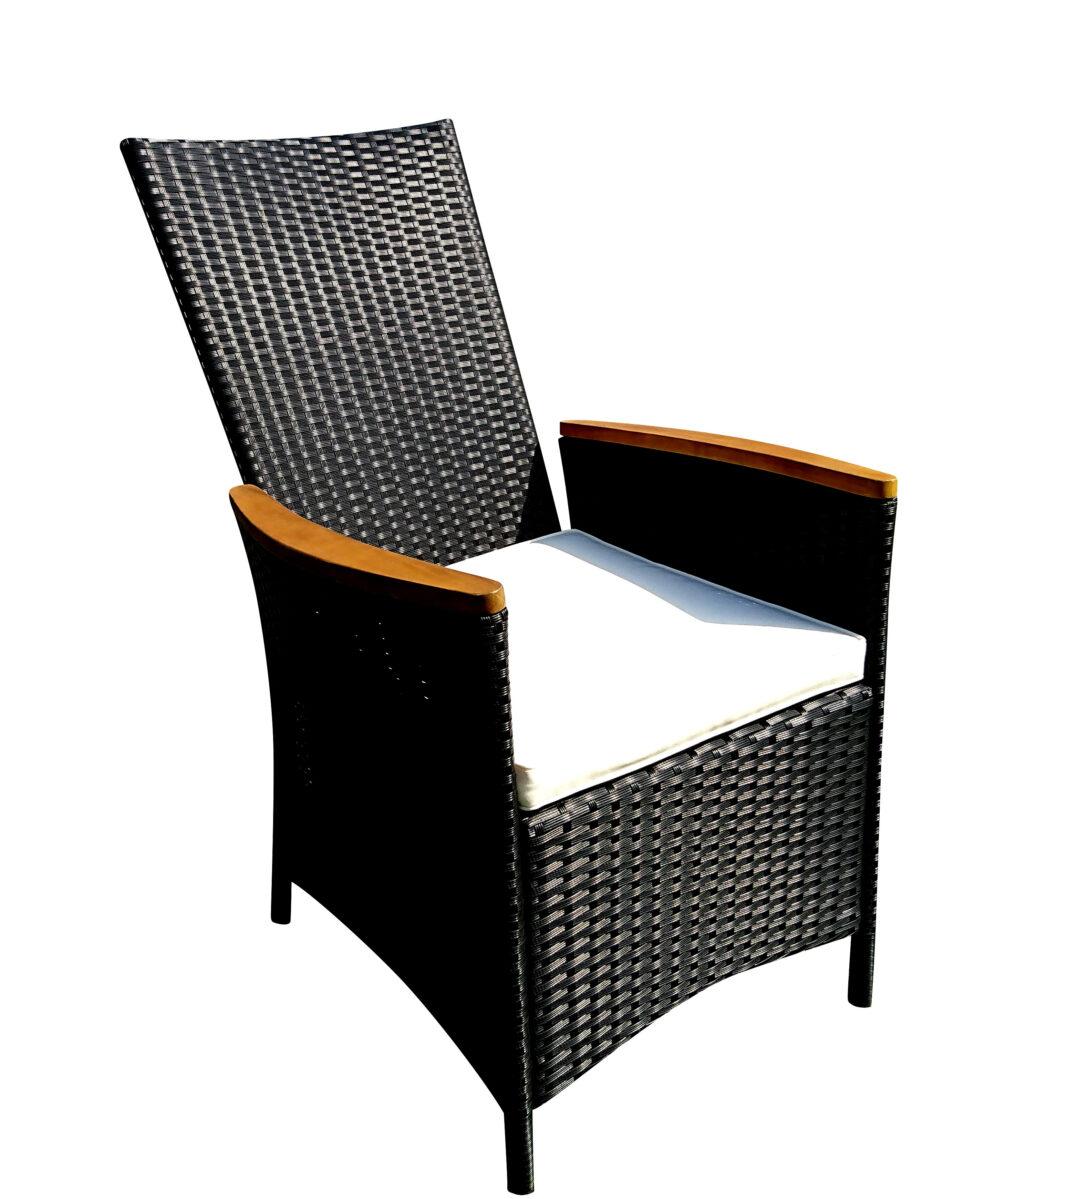 Large Size of Liegesessel Verstellbar Polyrattan Sessel Sofa Mit Verstellbarer Sitztiefe Wohnzimmer Liegesessel Verstellbar